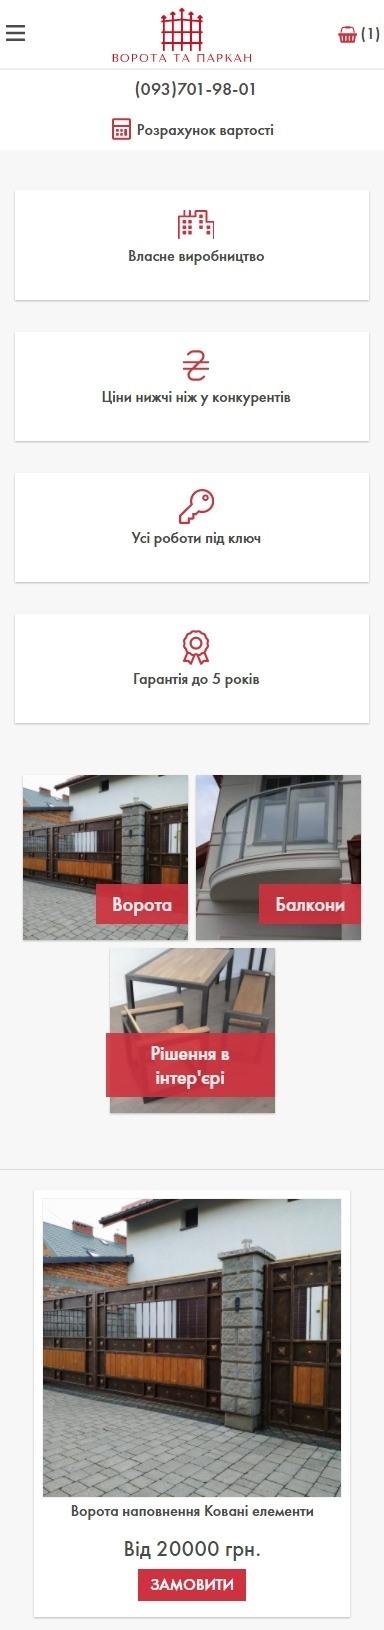 04-vorota-parkan.com.ua